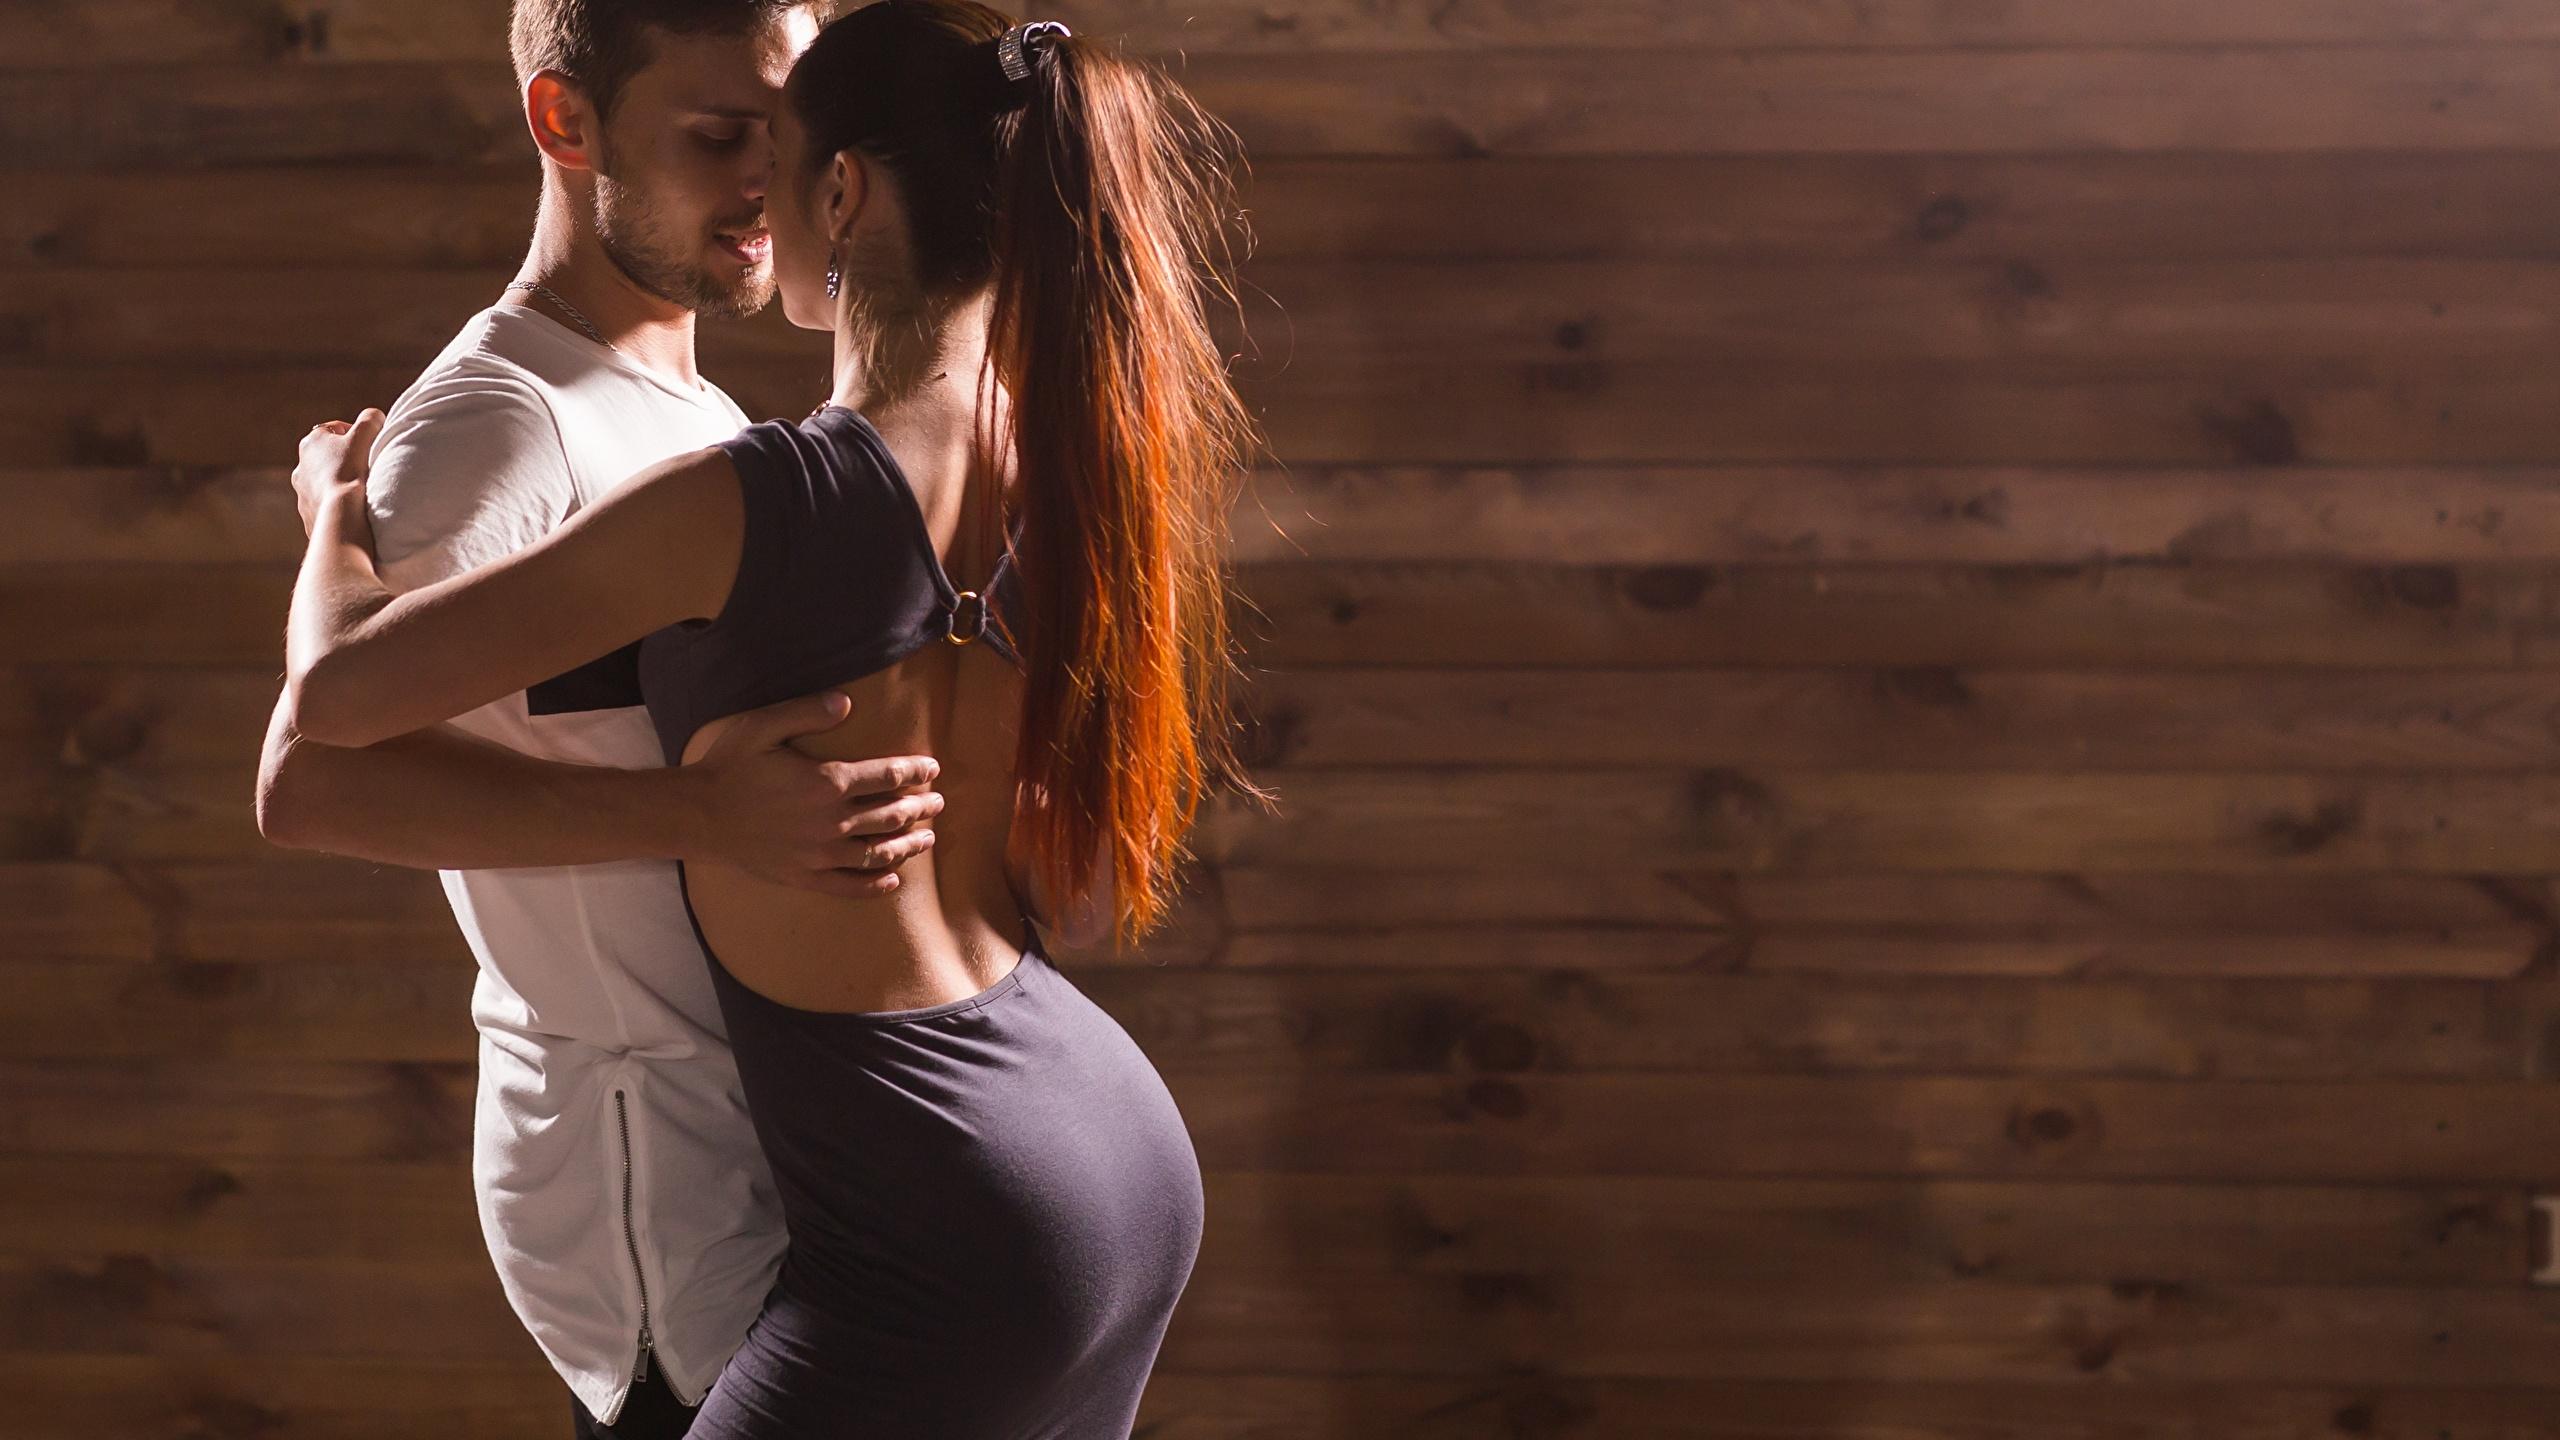 Картинка Мужчины любовники танцует два девушка 2560x1440 мужчина Влюбленные пары Танцы танцуют 2 две Двое вдвоем Девушки молодая женщина молодые женщины